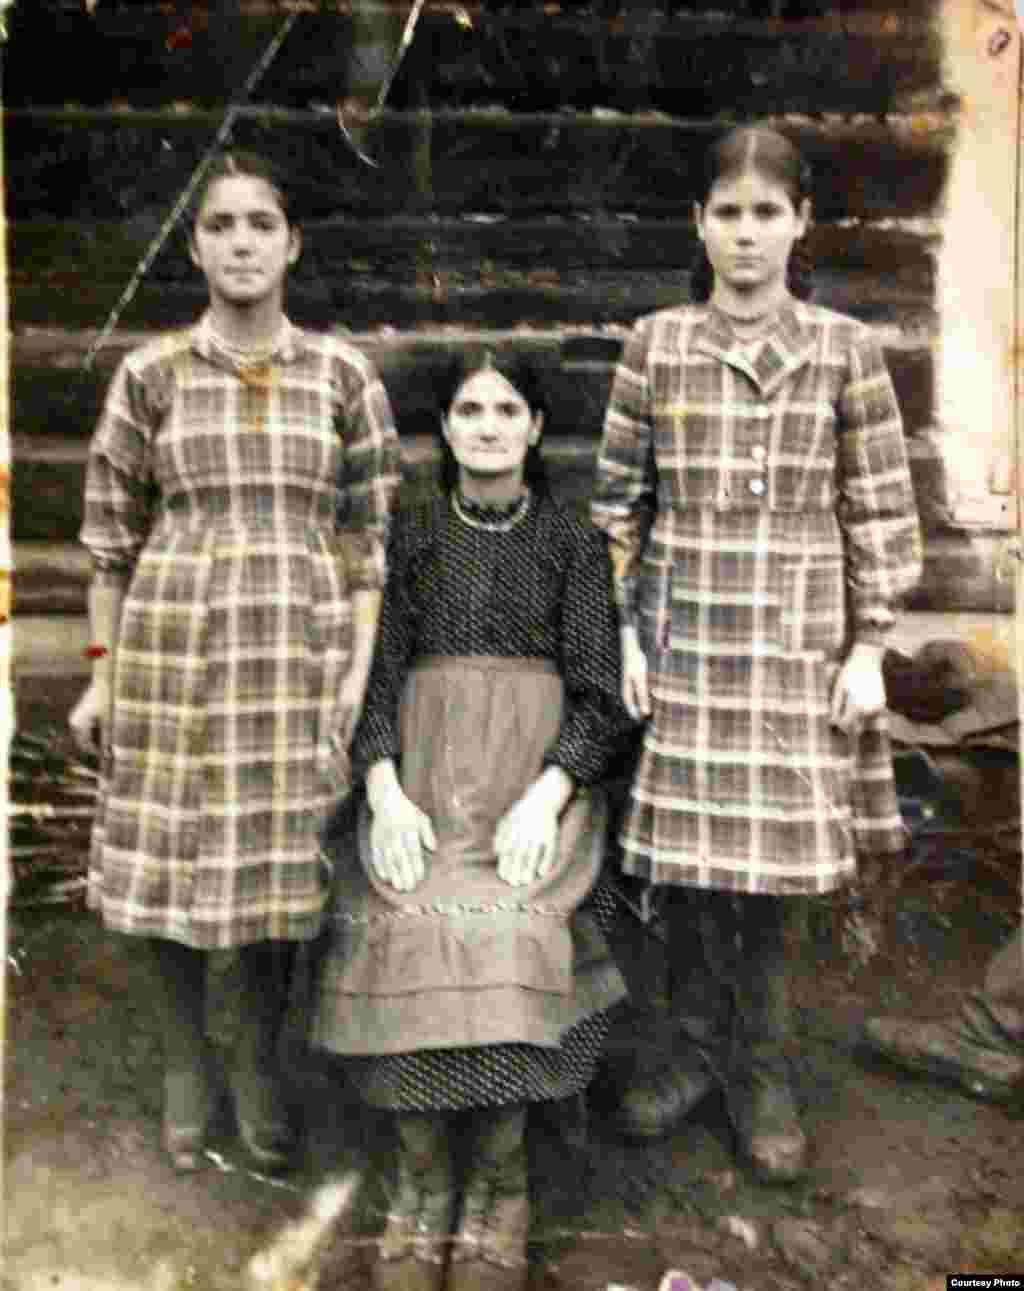 (dreapta) Lina Koeva, mama Marinei Pșenic, (stânga) sora Eudochia care a decedat în Siberia, (în mijloc) Varvara, mama surorilor. Altai, Siberia, 1951